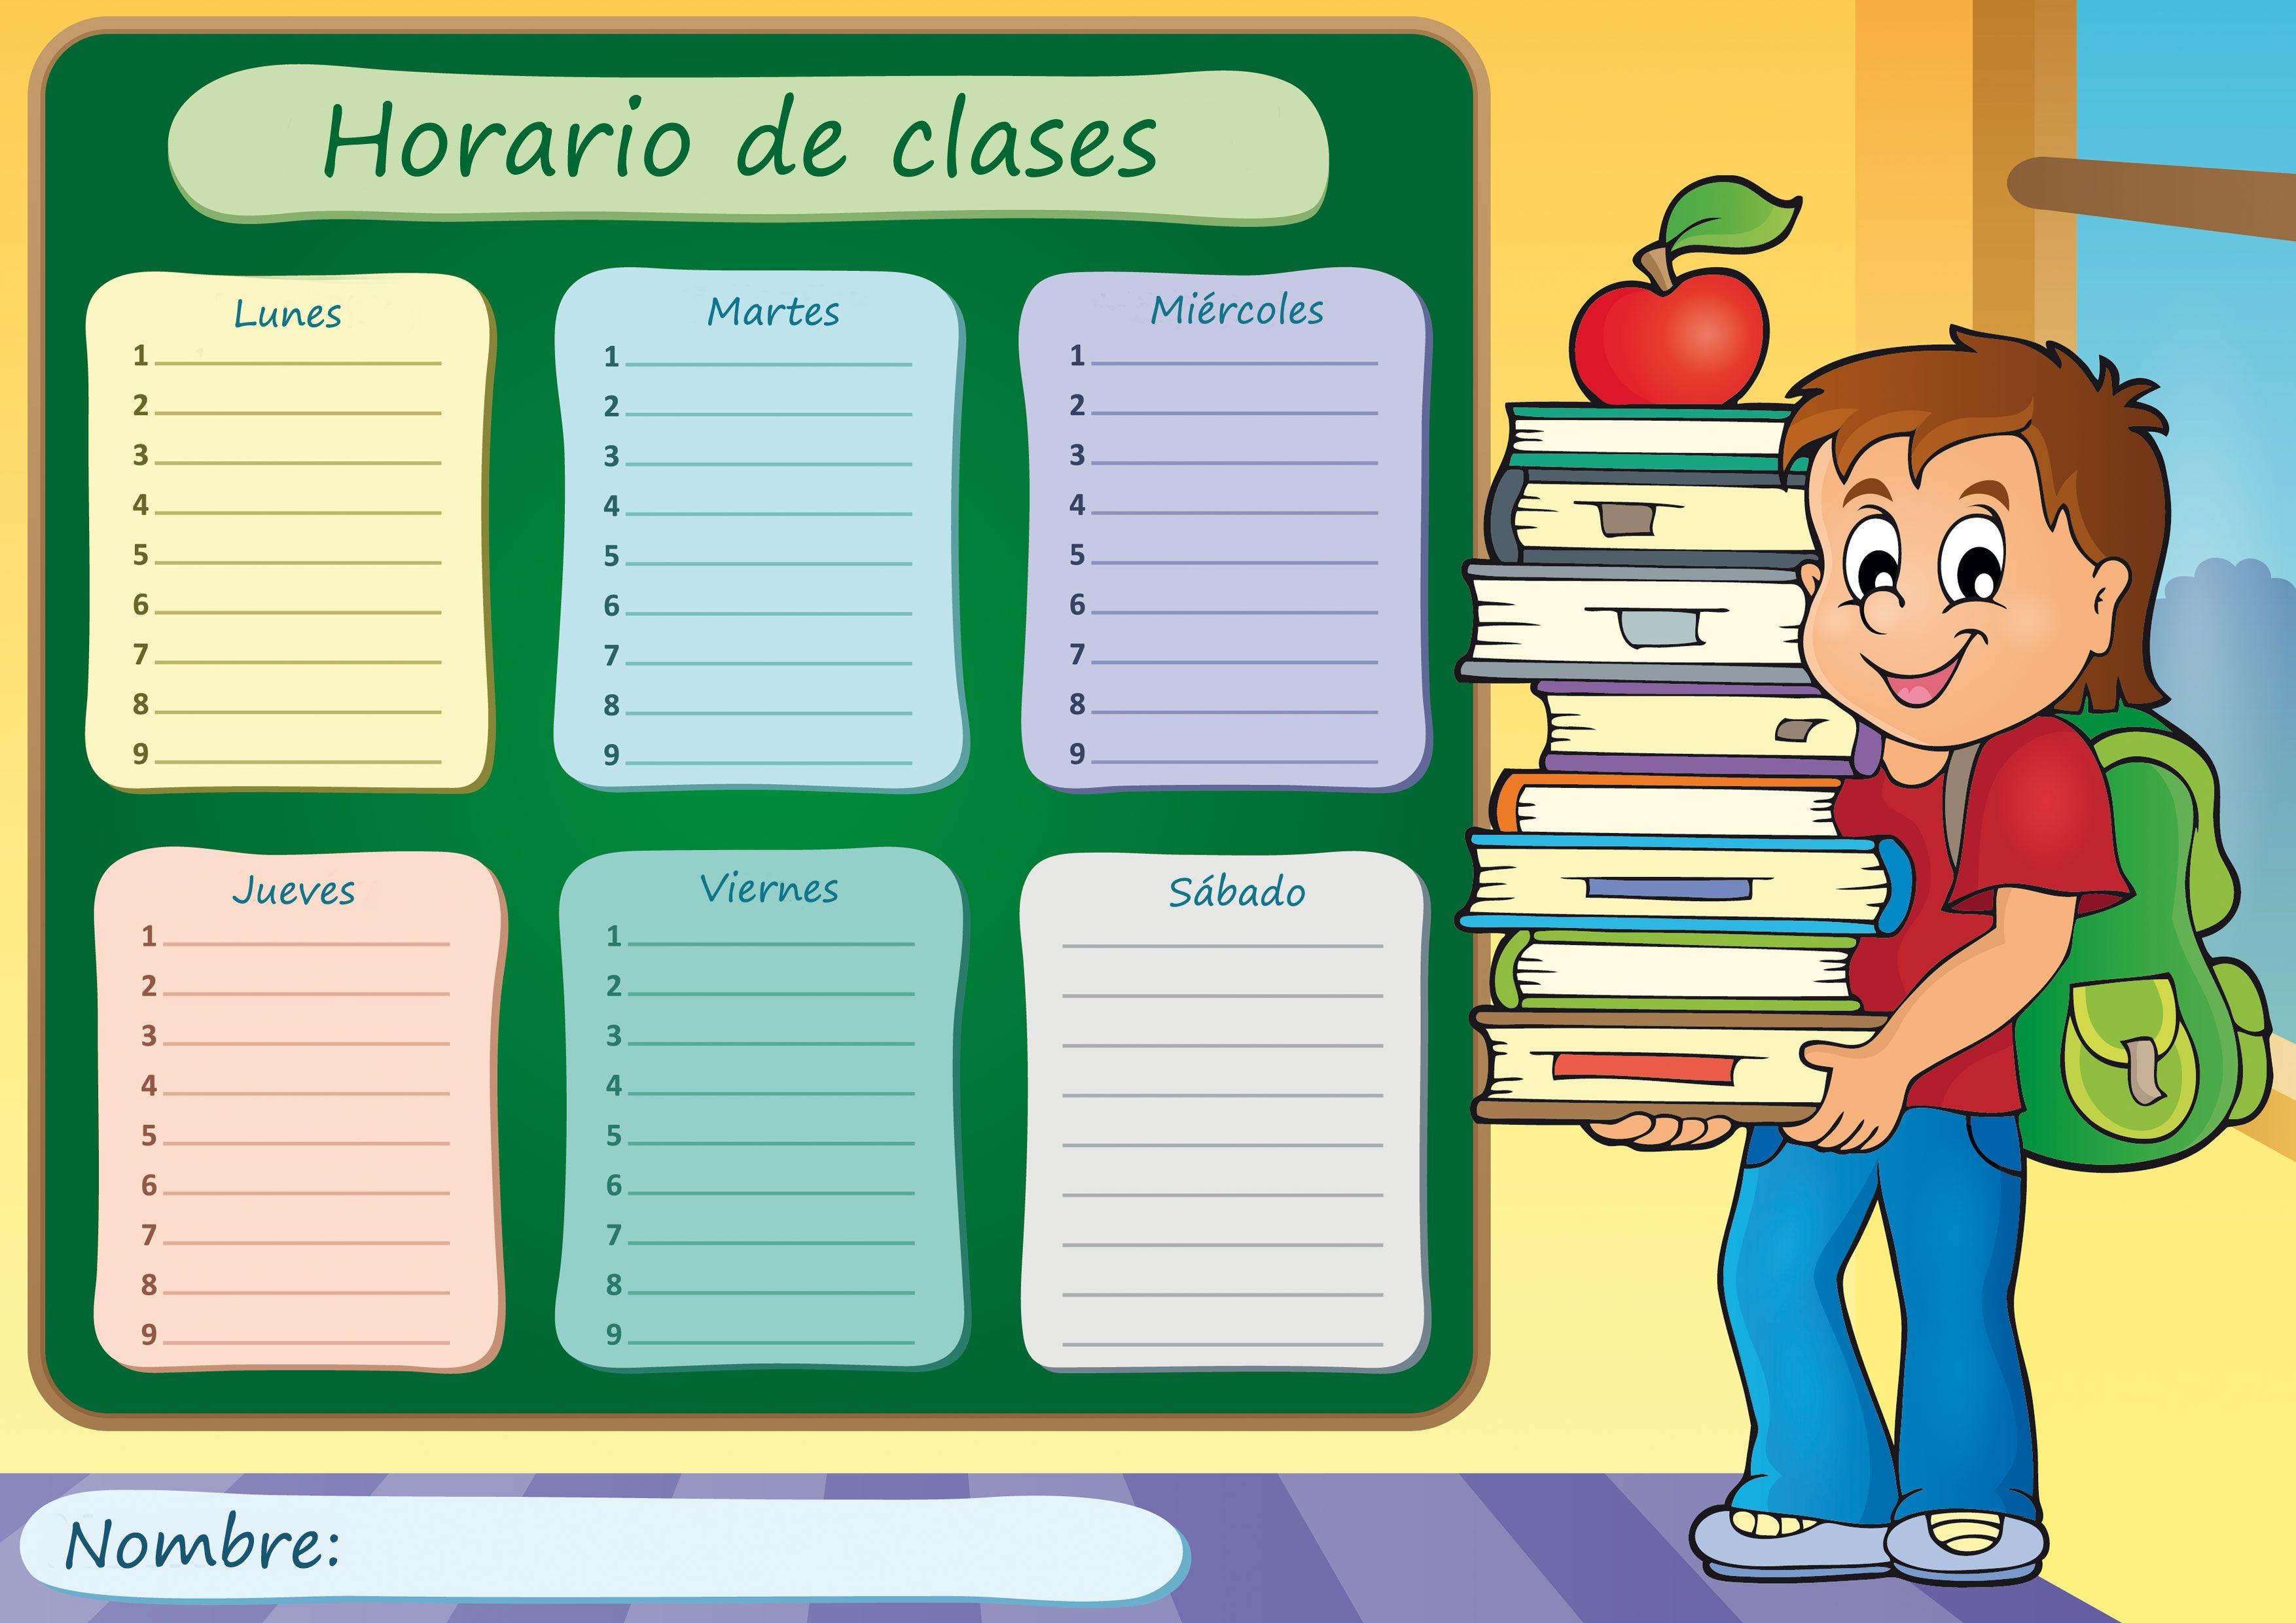 Tabla para horario de clases